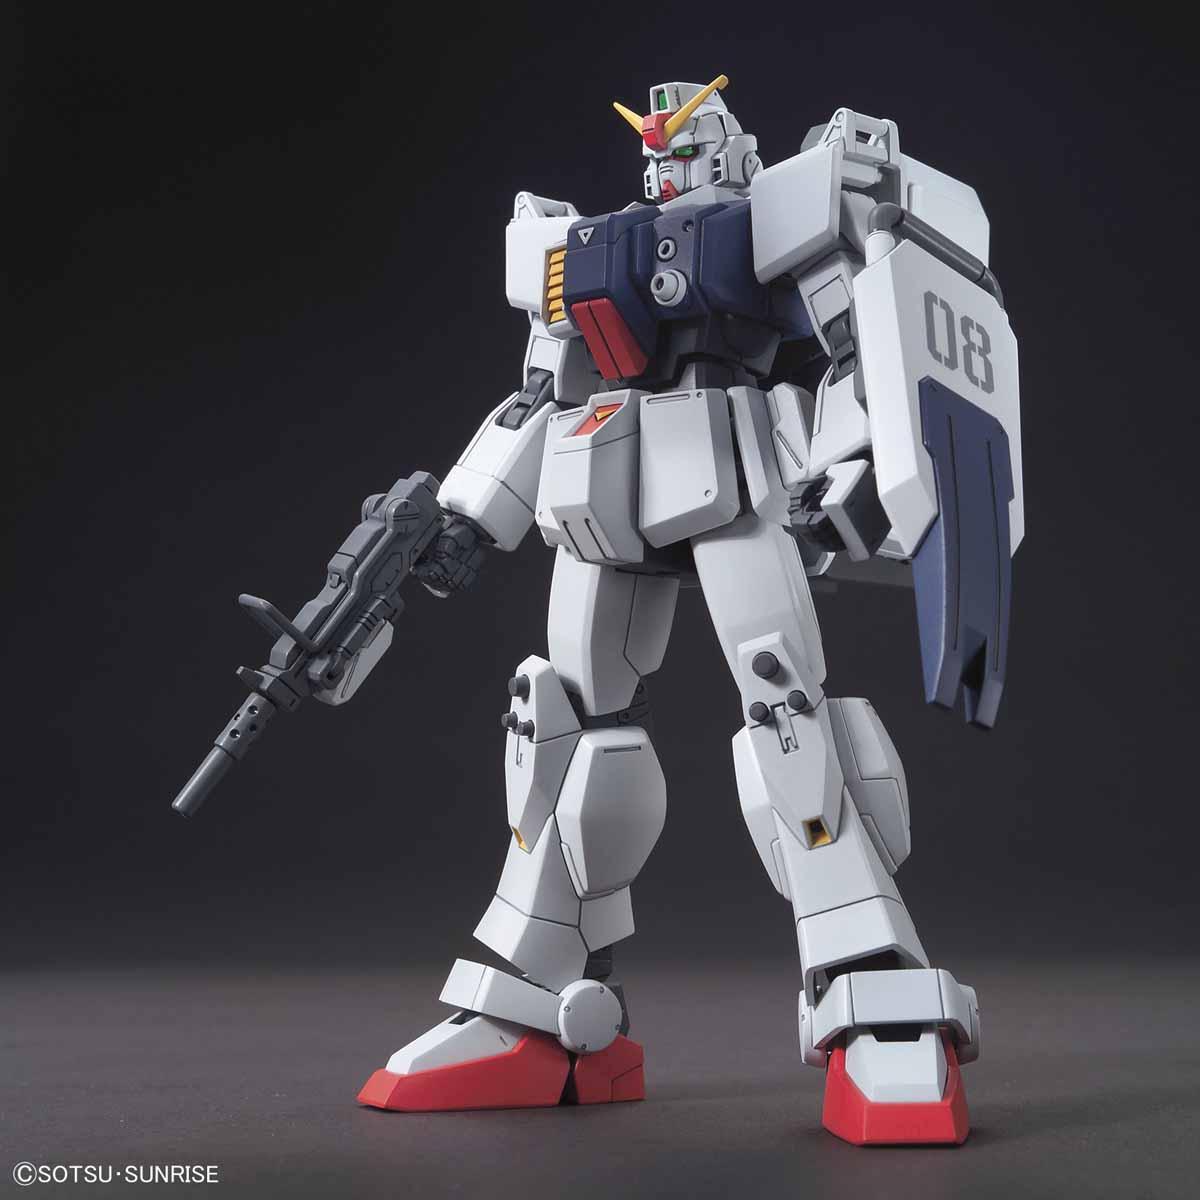 62224HGUC 210 1/144 RX-79[G] 陸戦型ガンダム [Gundam Ground Type] 5059169 0224025